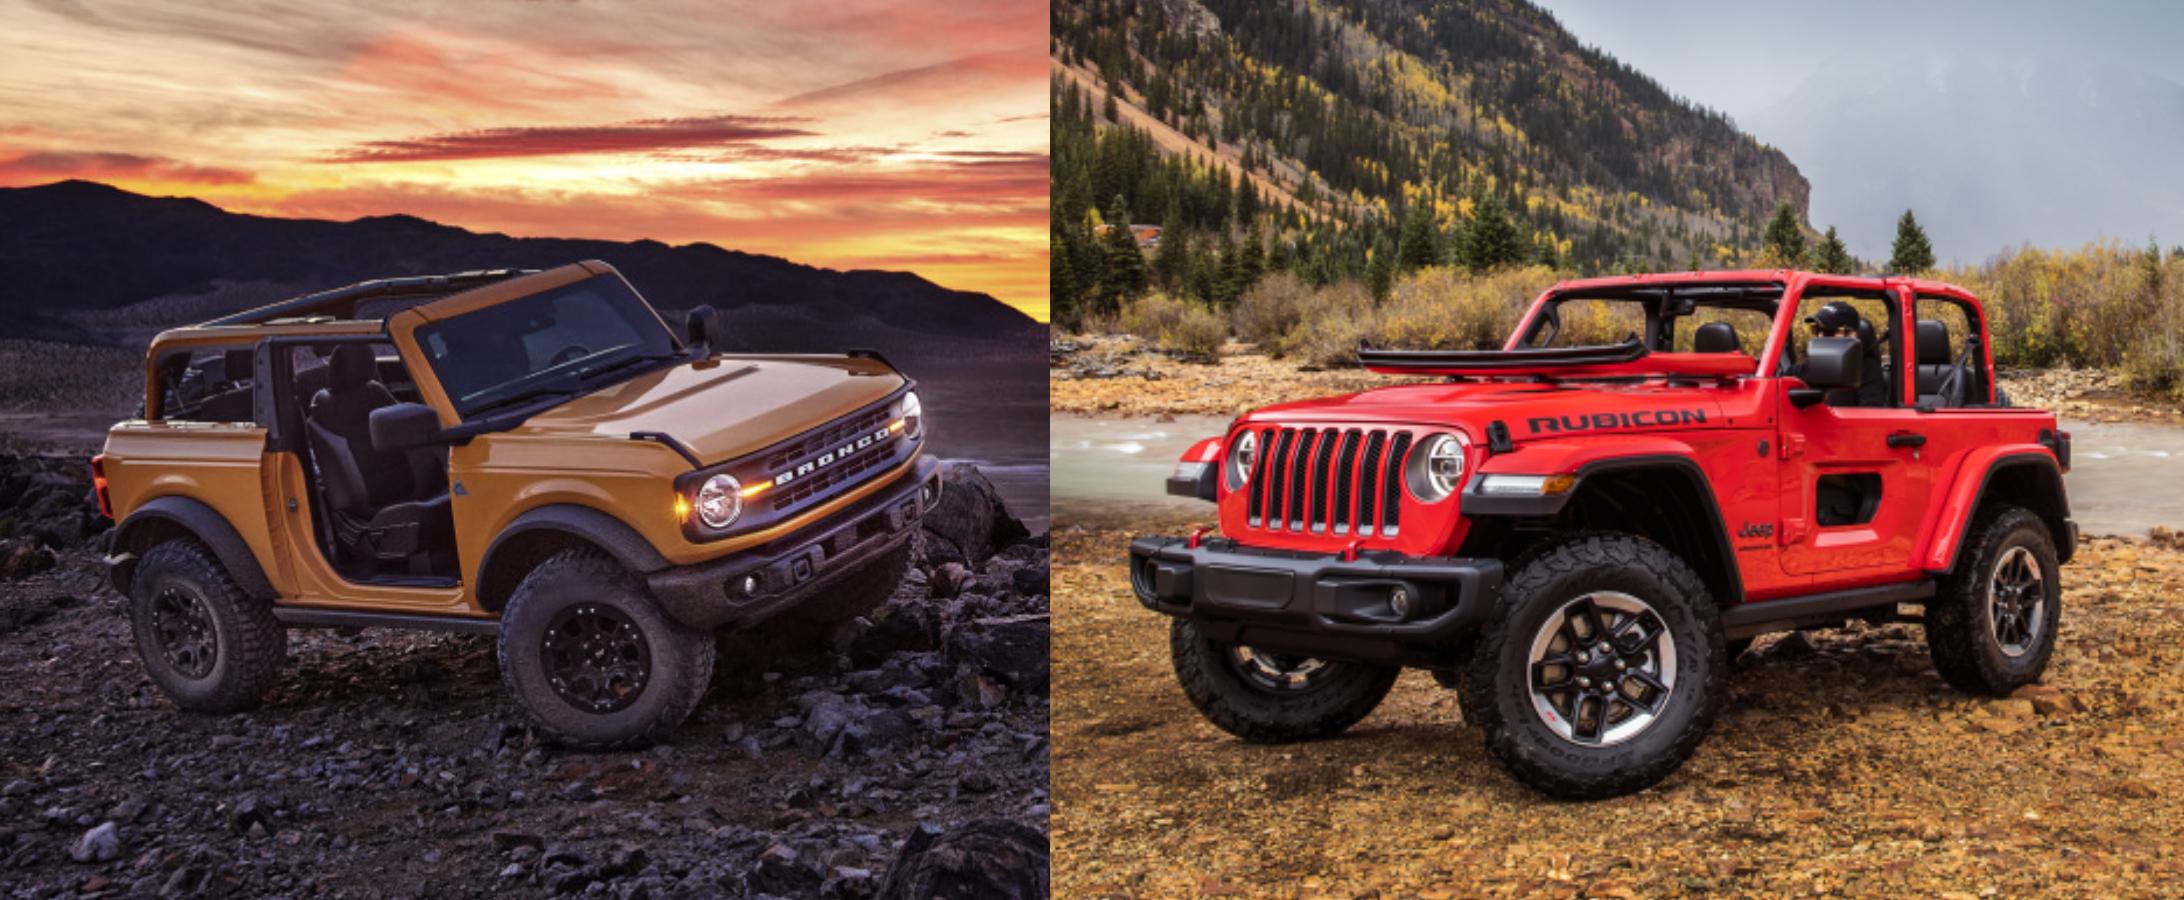 2021 ford bronco vs jeep wrangler comparison which one